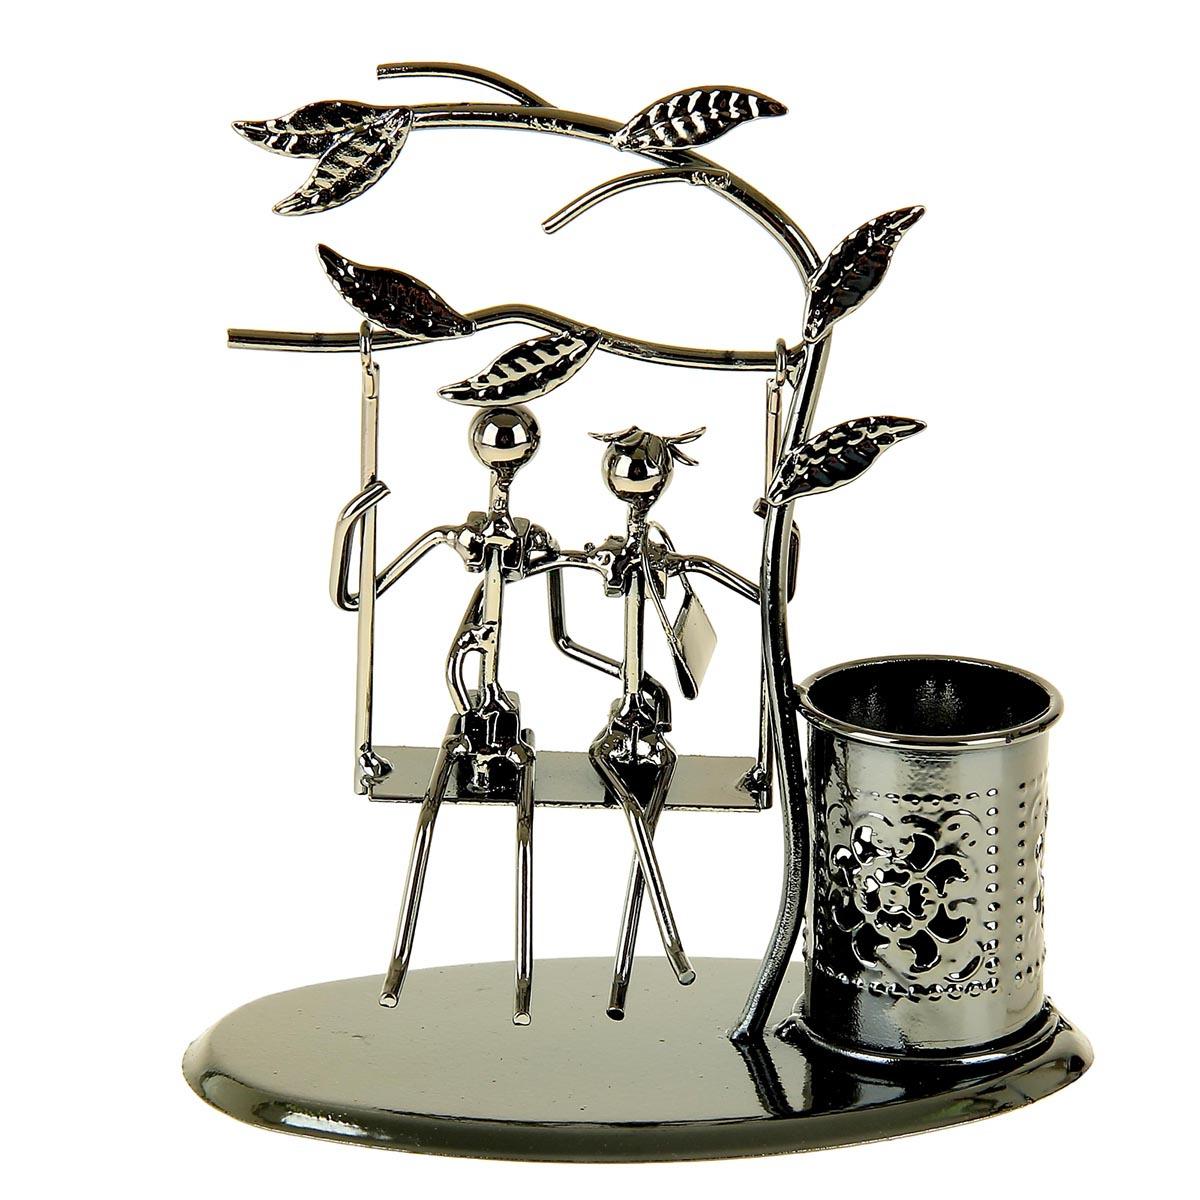 Подставка для канцелярских принадлежностей Парочка на качели под деревцем, 1078316, серебристый, 16 х 18 х 9 см